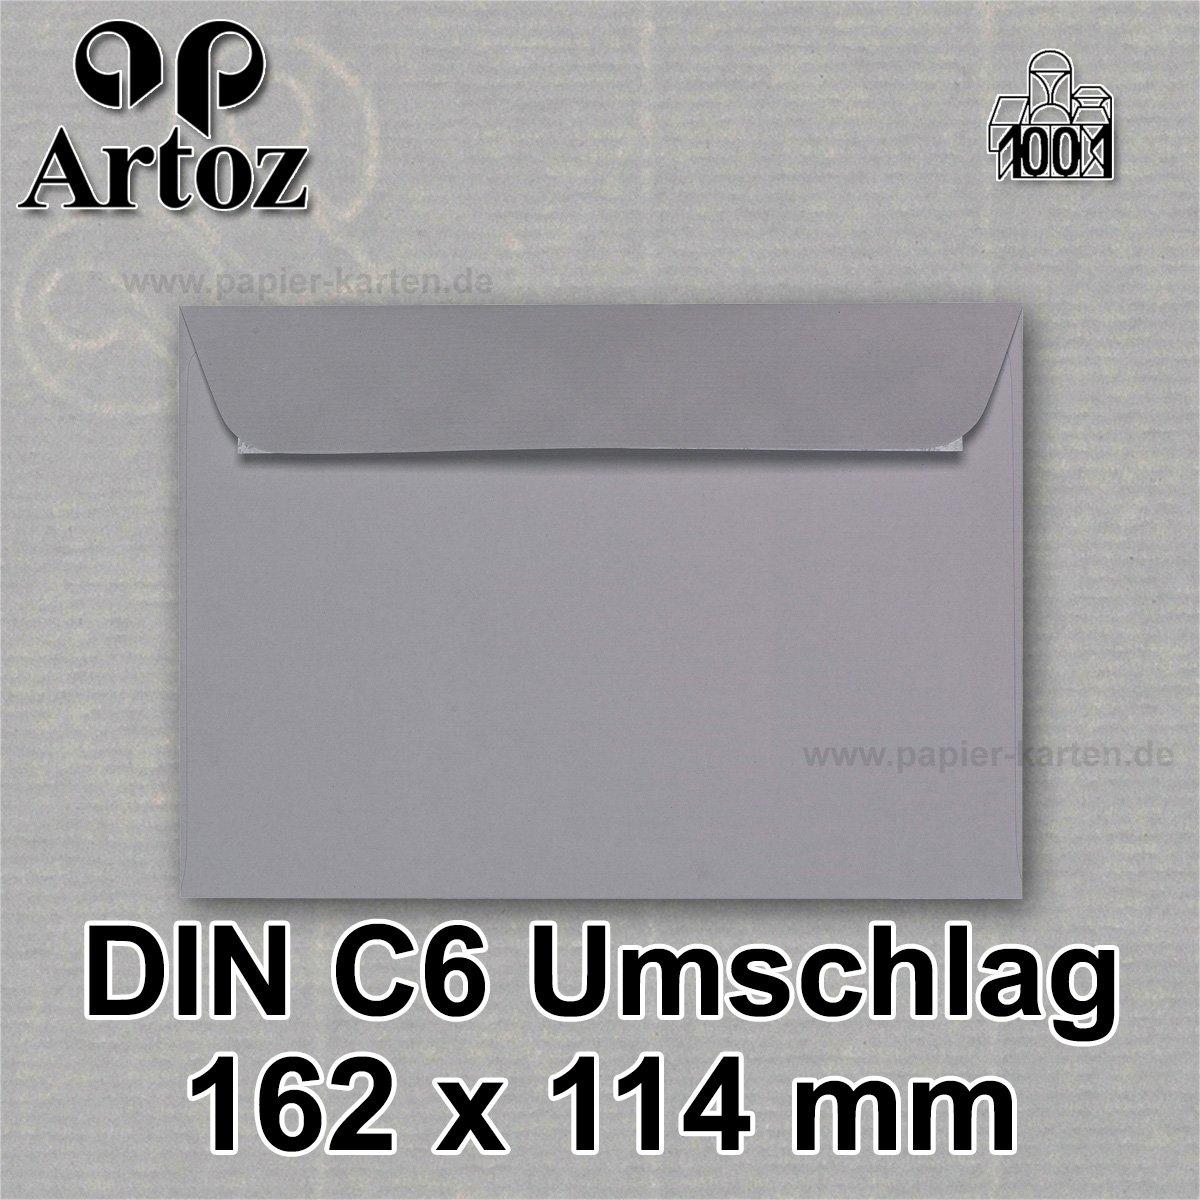 ARTOZ 50x Briefumschl/äge DIN C6 Graphit I 16,2 x 11,4 cm Kuvert ohne Fenster I Umschl/äge selbstklebend haftklebend I Serie Artoz 1001